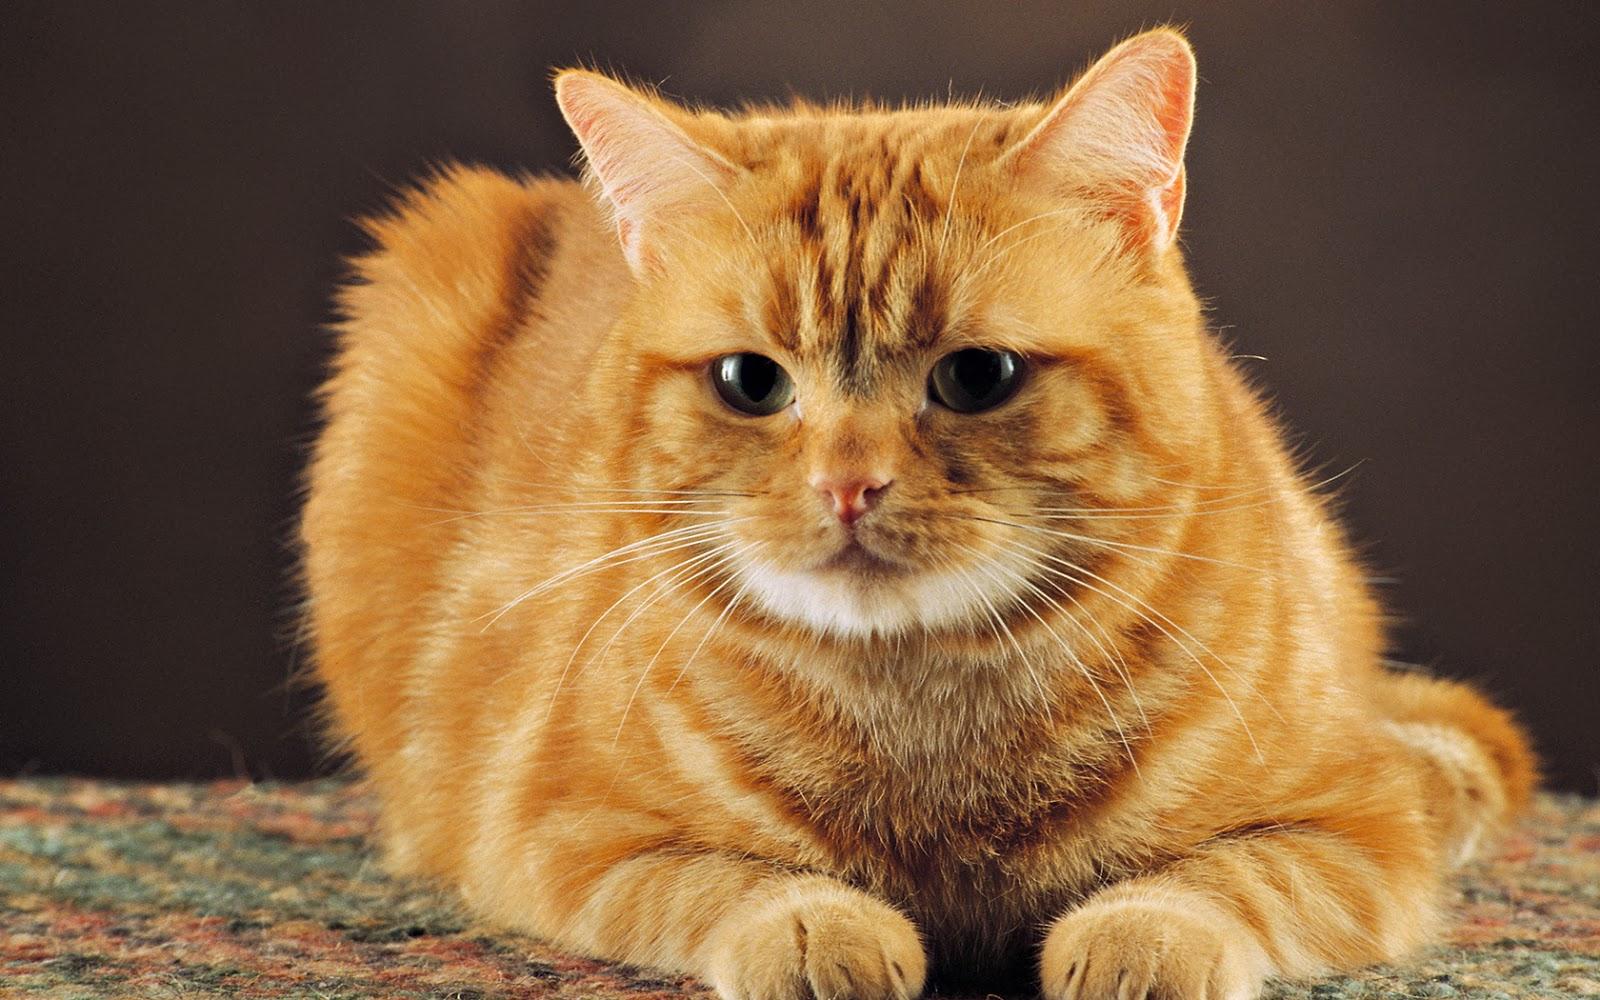 Imagenes de gatos traviesos - Fotos Bonitas de Amor